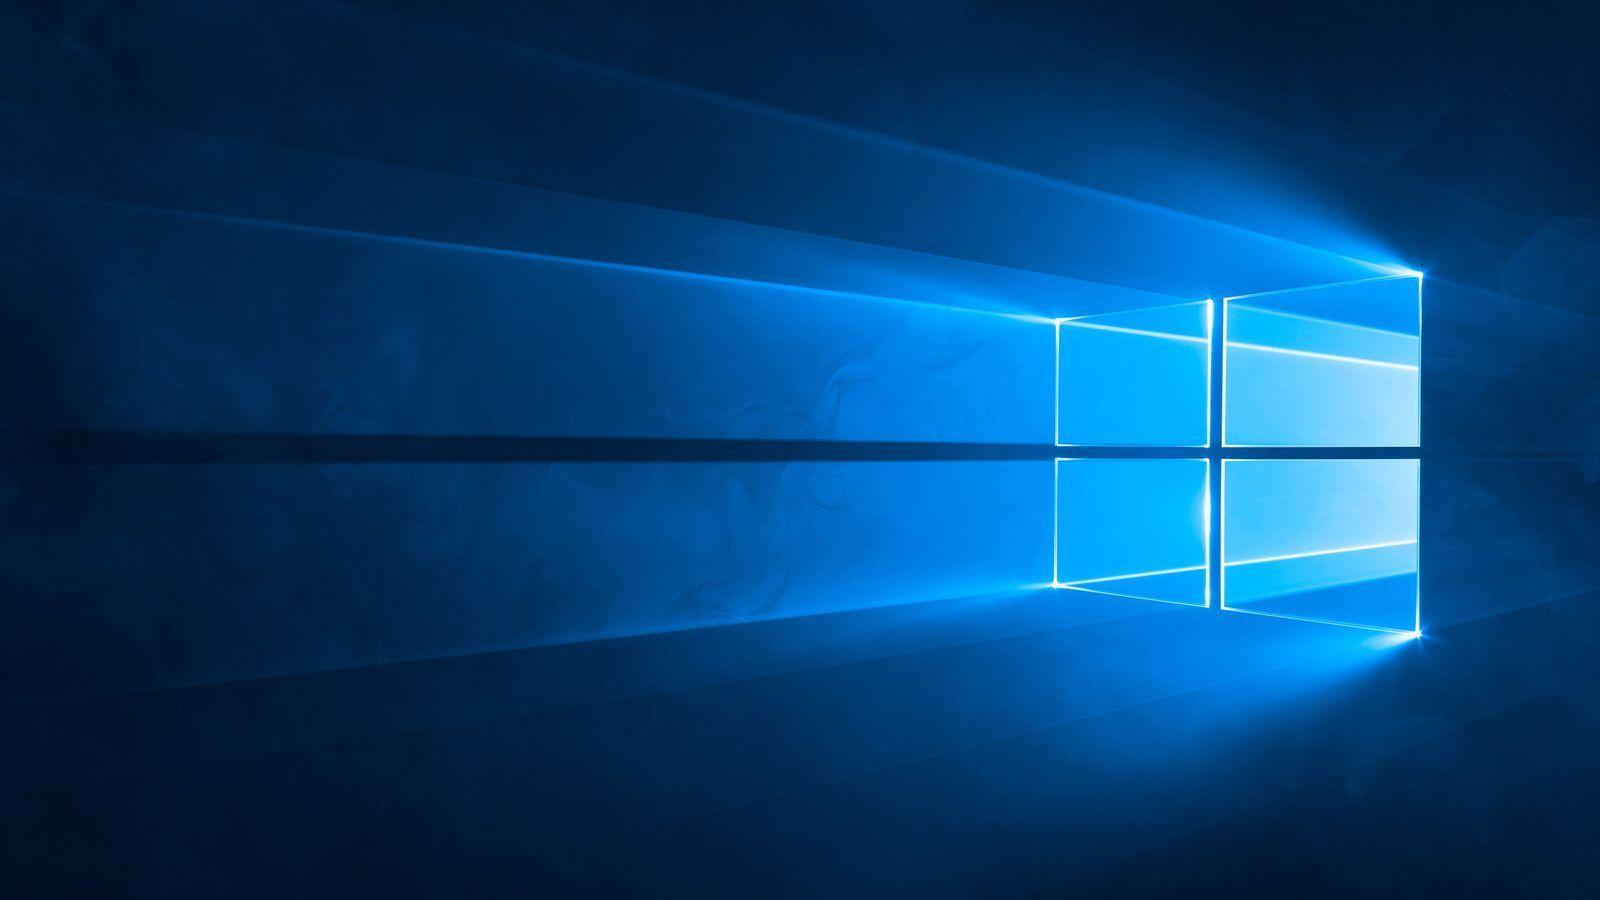 Le Nouveau Pilote Graphique Intel Suggere Que Windows 10 Arrive Bientot En Novembre 2019 Ac En 2020 Fond D Ecran Pour Ordinateur Windows 10 Fond D Ecran Ordinateur